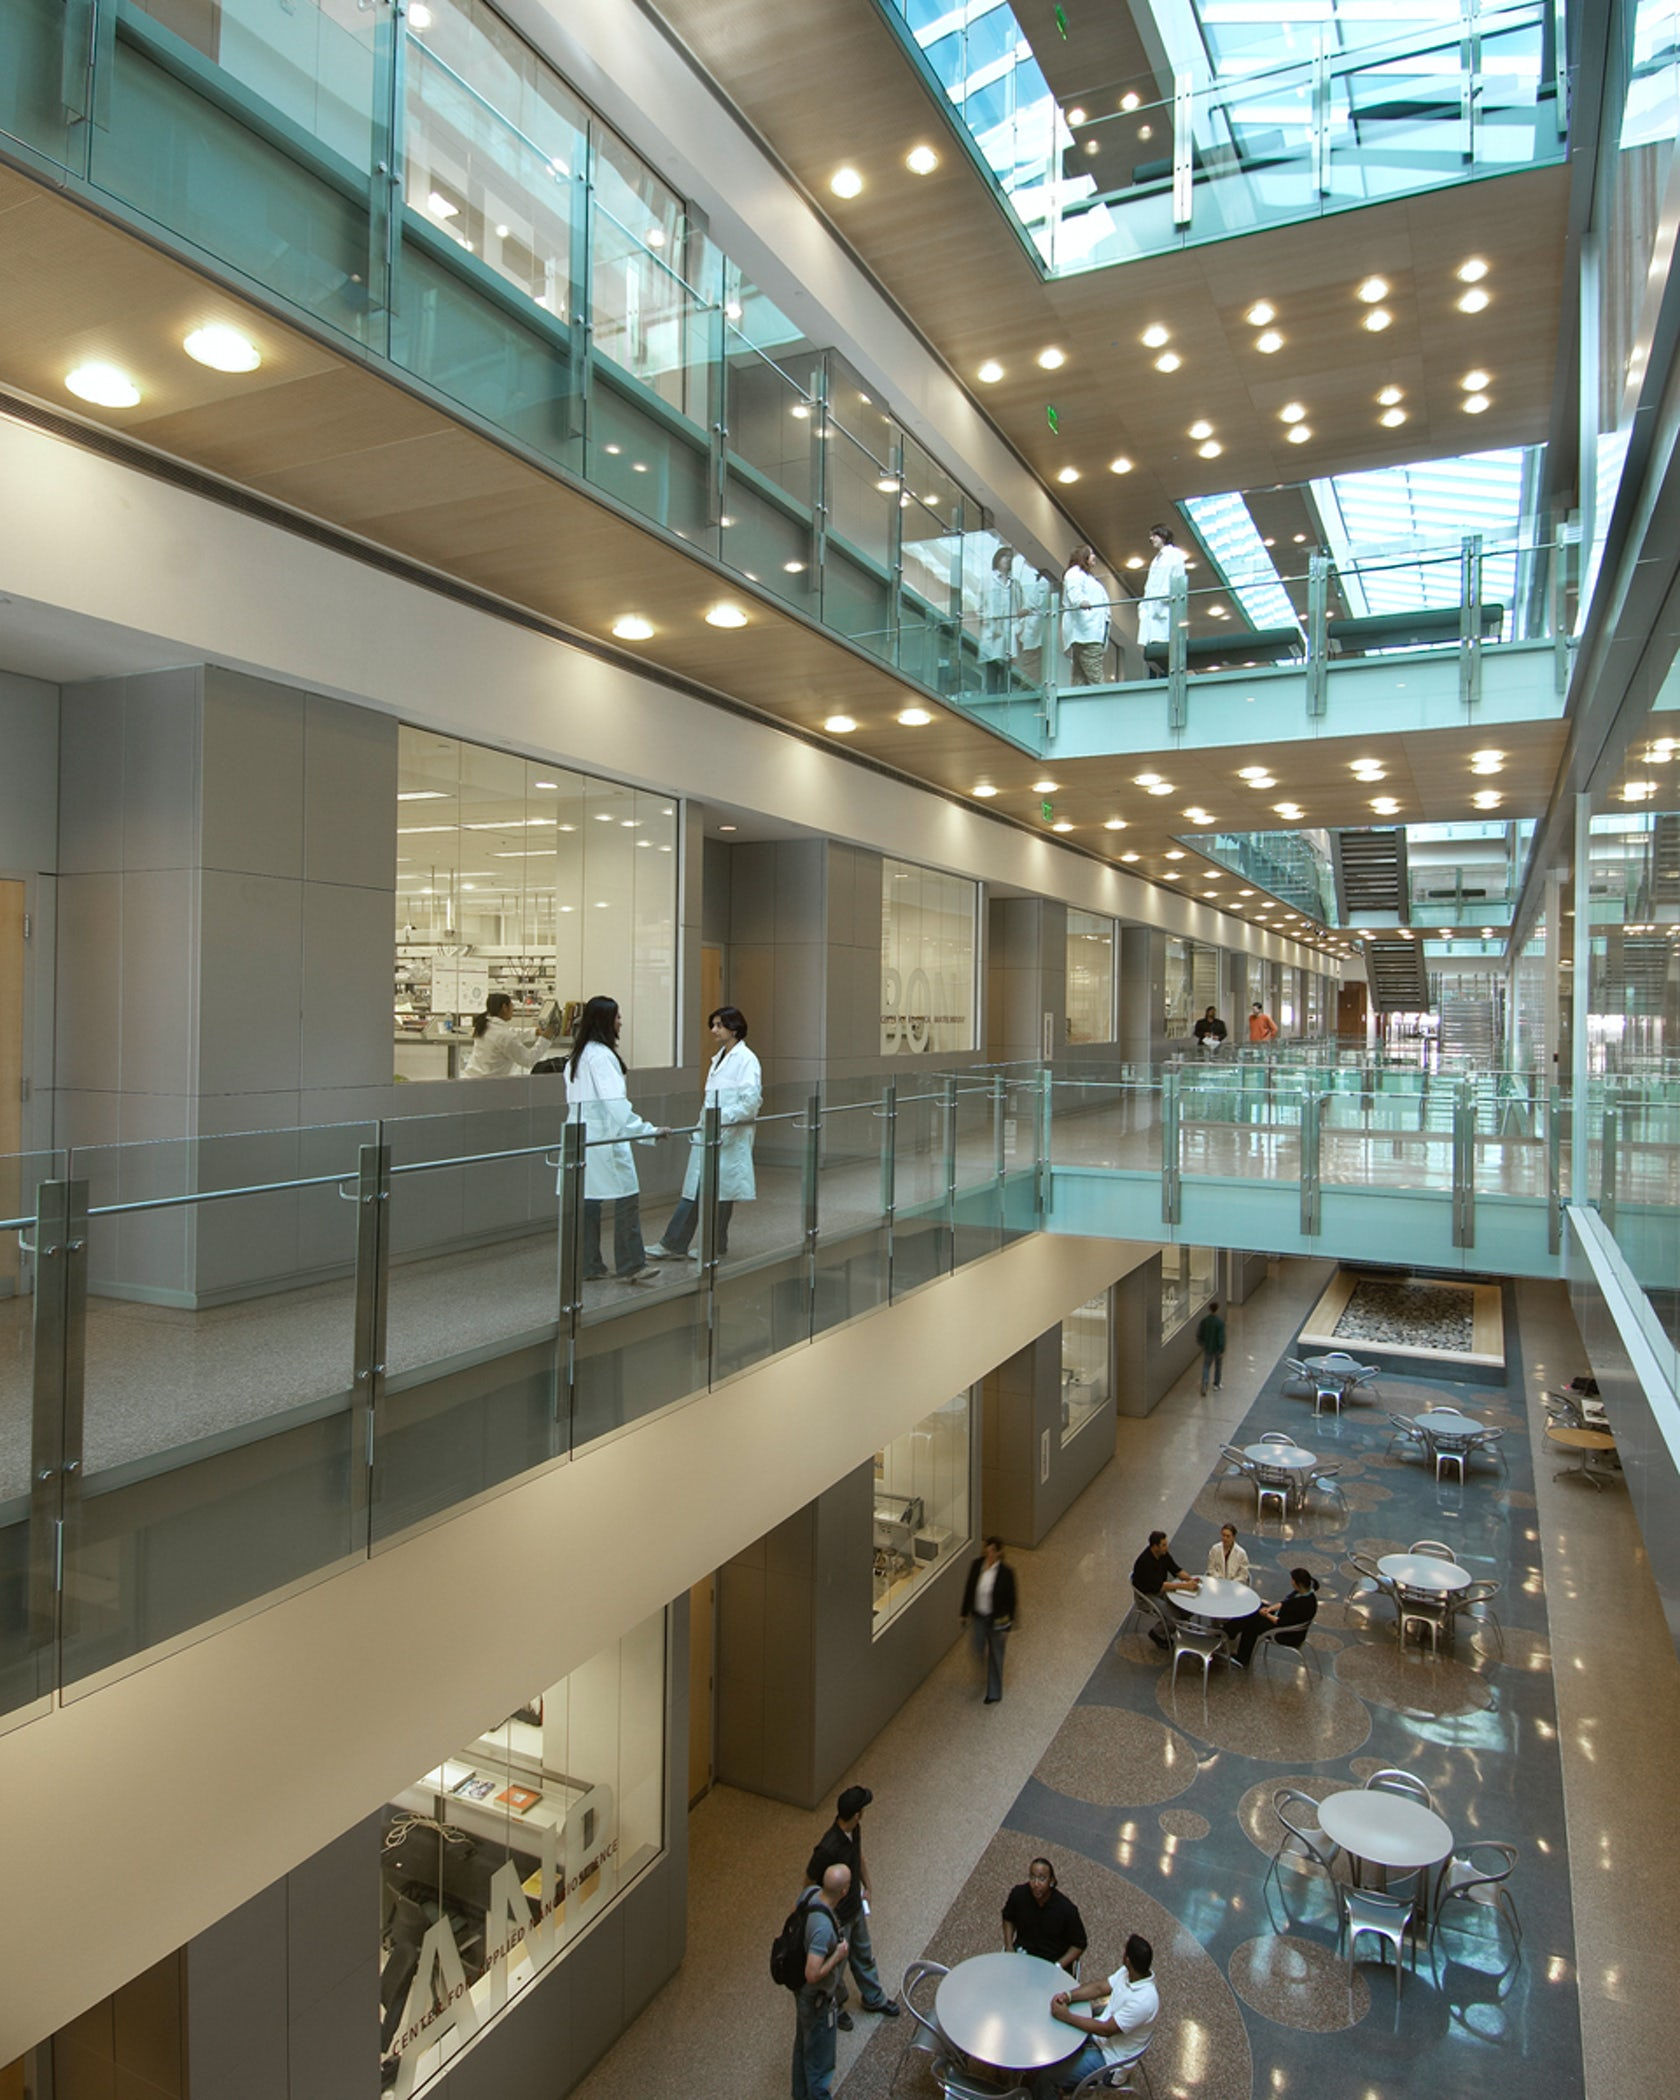 Interior Design Colleges In Florida: Arizona State Biodesign Institute